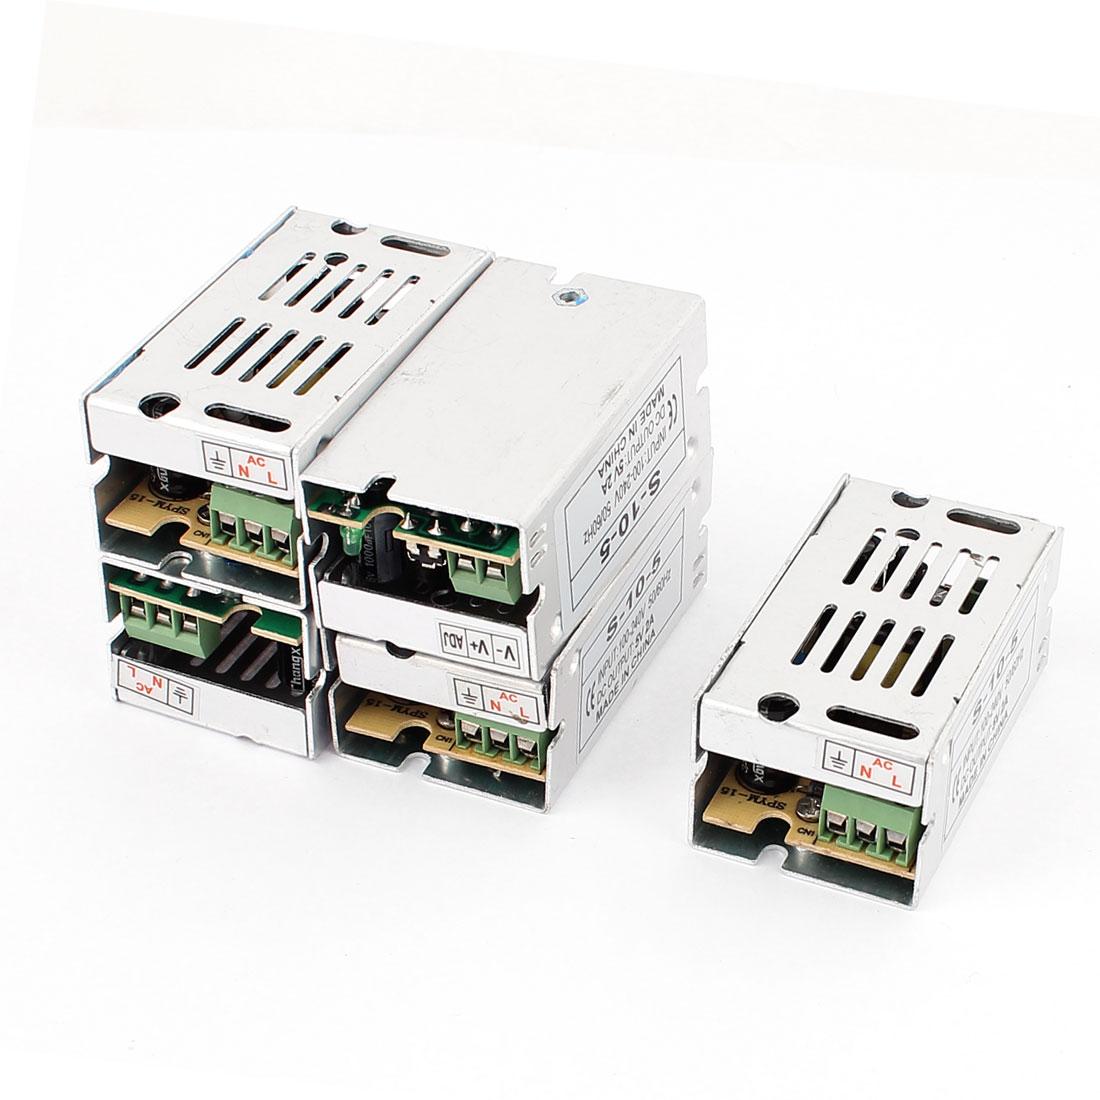 5Pcs AC 100V-240V DC 5V 2A 5 Pins Metal Housing Switching Power Supply Converter